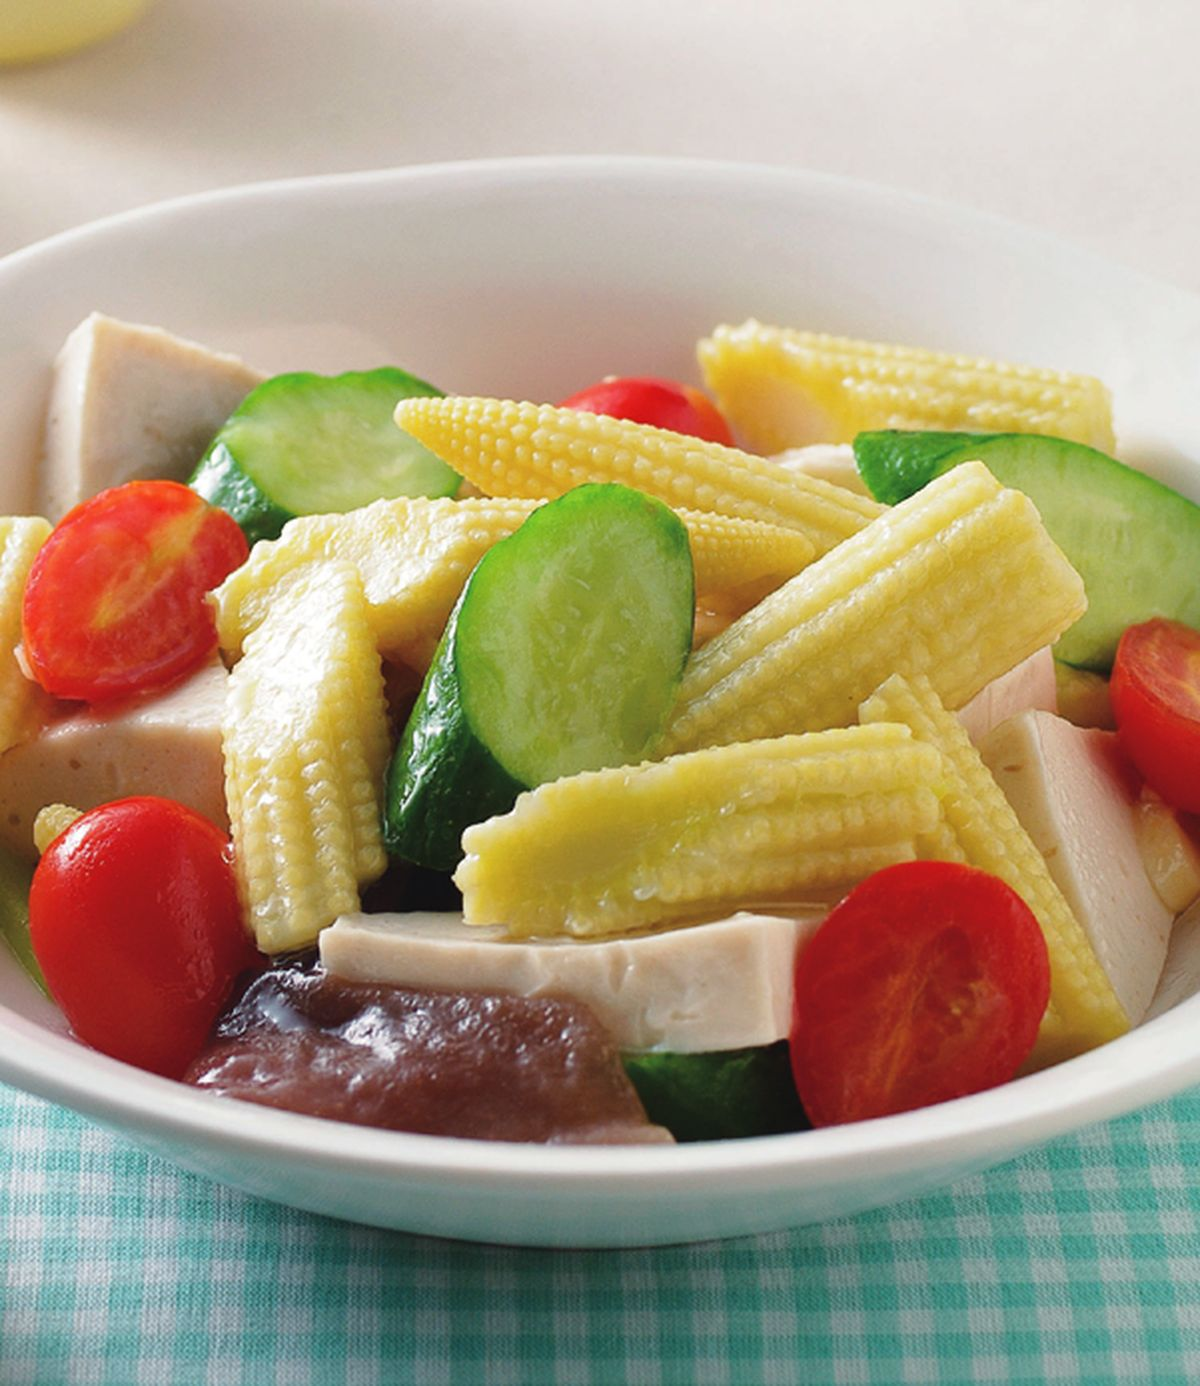 食譜:玉米筍炒百頁豆腐